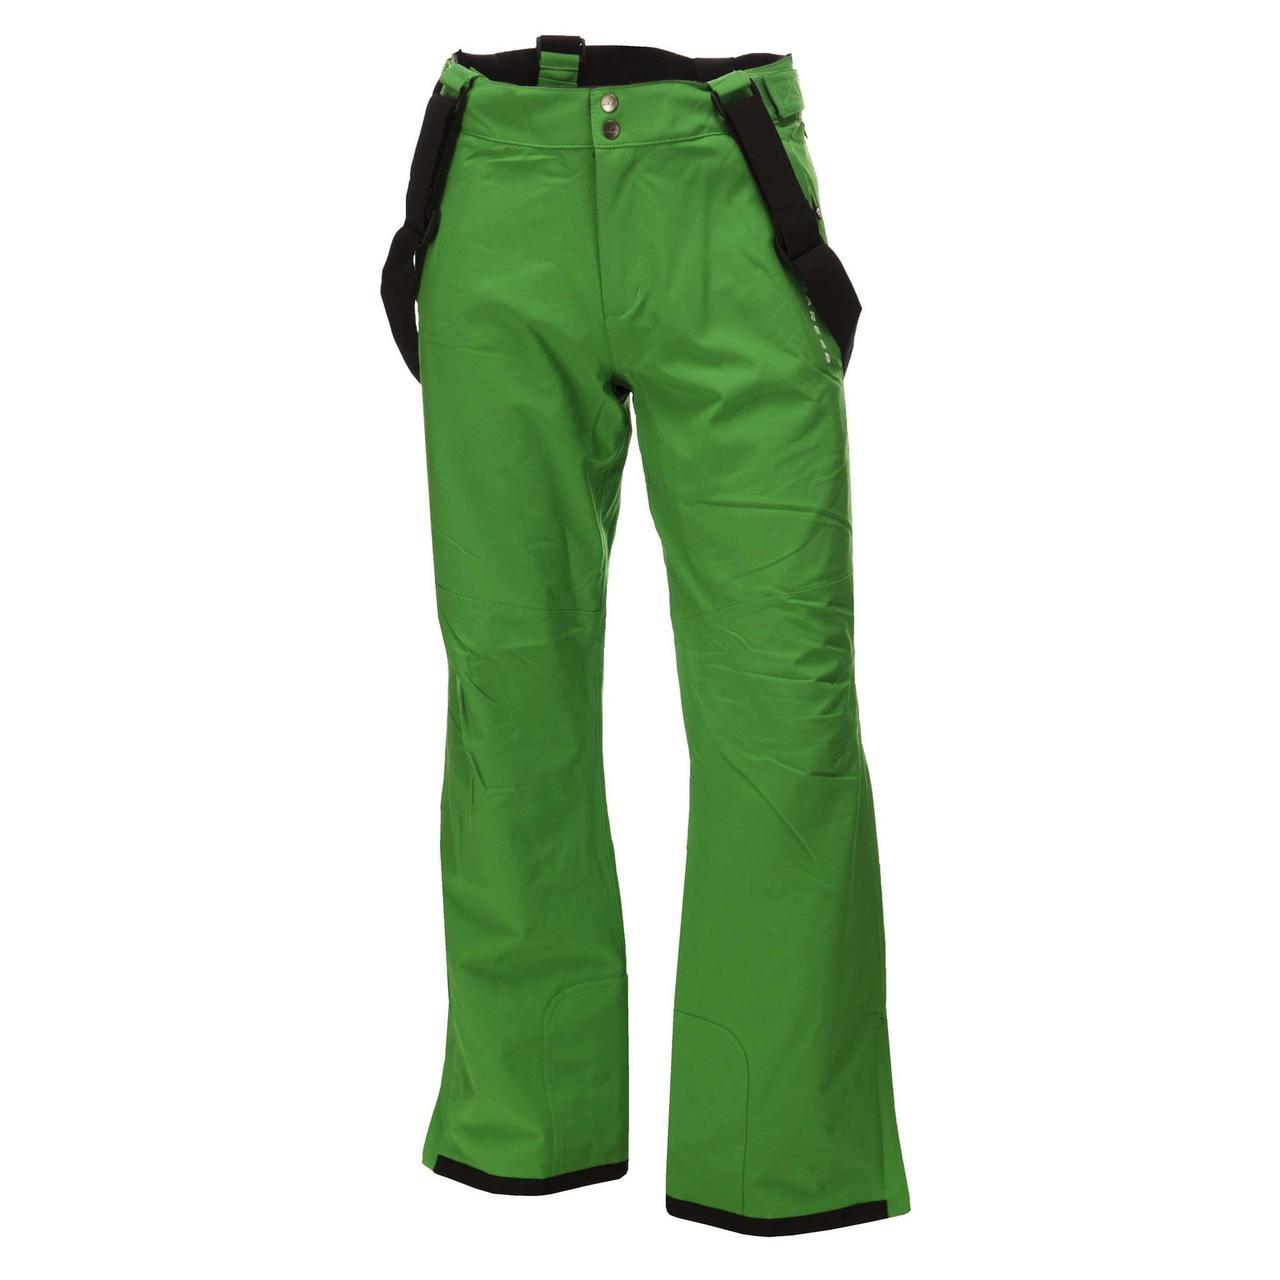 Горнолыжные мужские штаны Dare 2b XХХL Qualify зеленые   большие лыжные \ сноубордические штаны